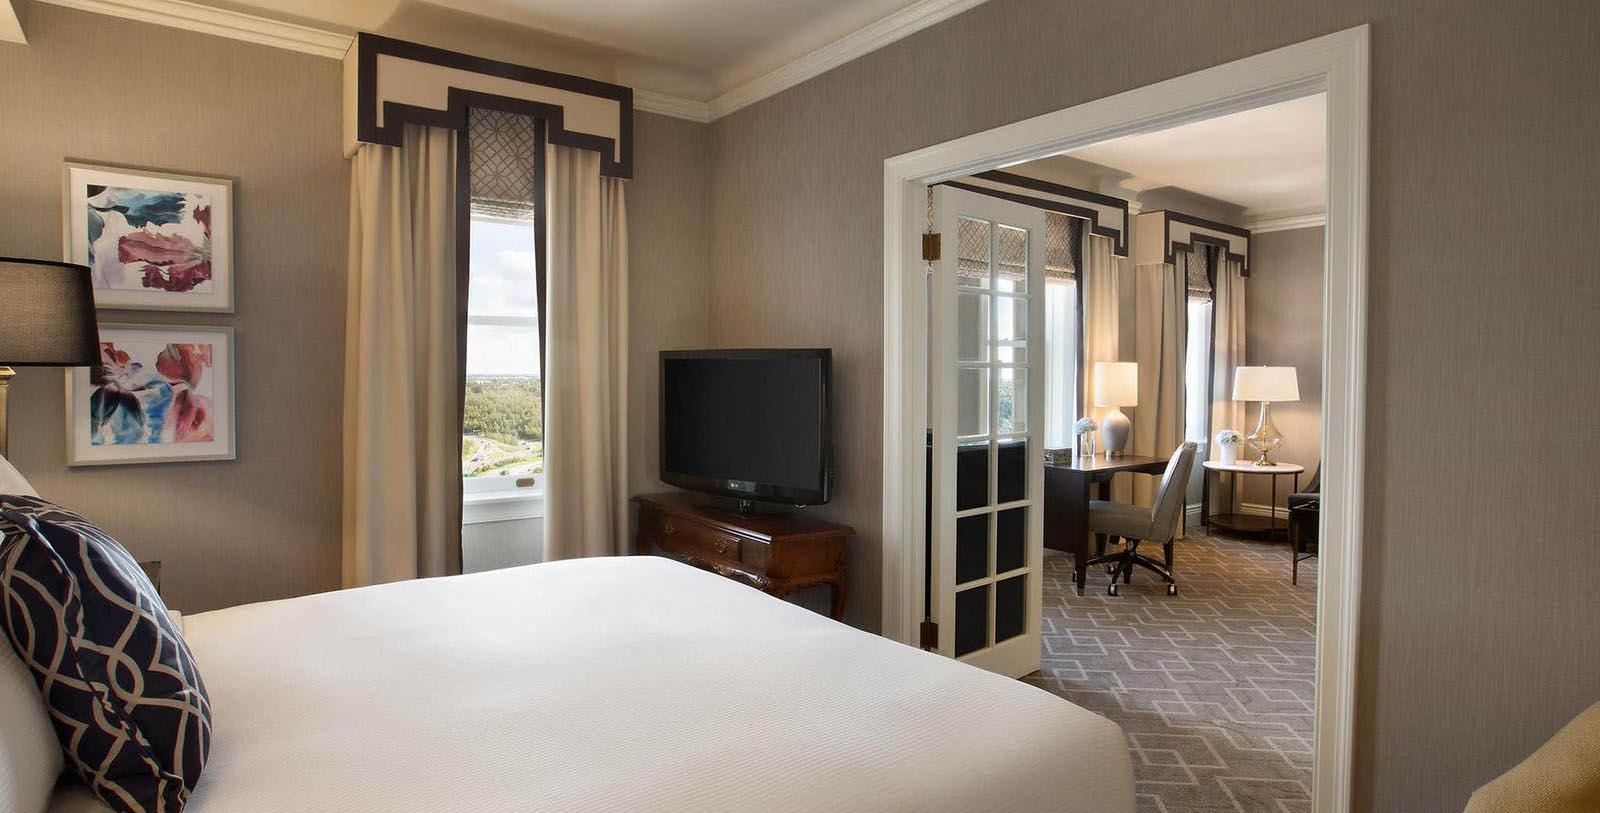 Image of guestroom Fairmont Hotel Macdonald, 1915, Member of Historic Hotels Worldwide, in Edmonton, Canada,Hot Deals